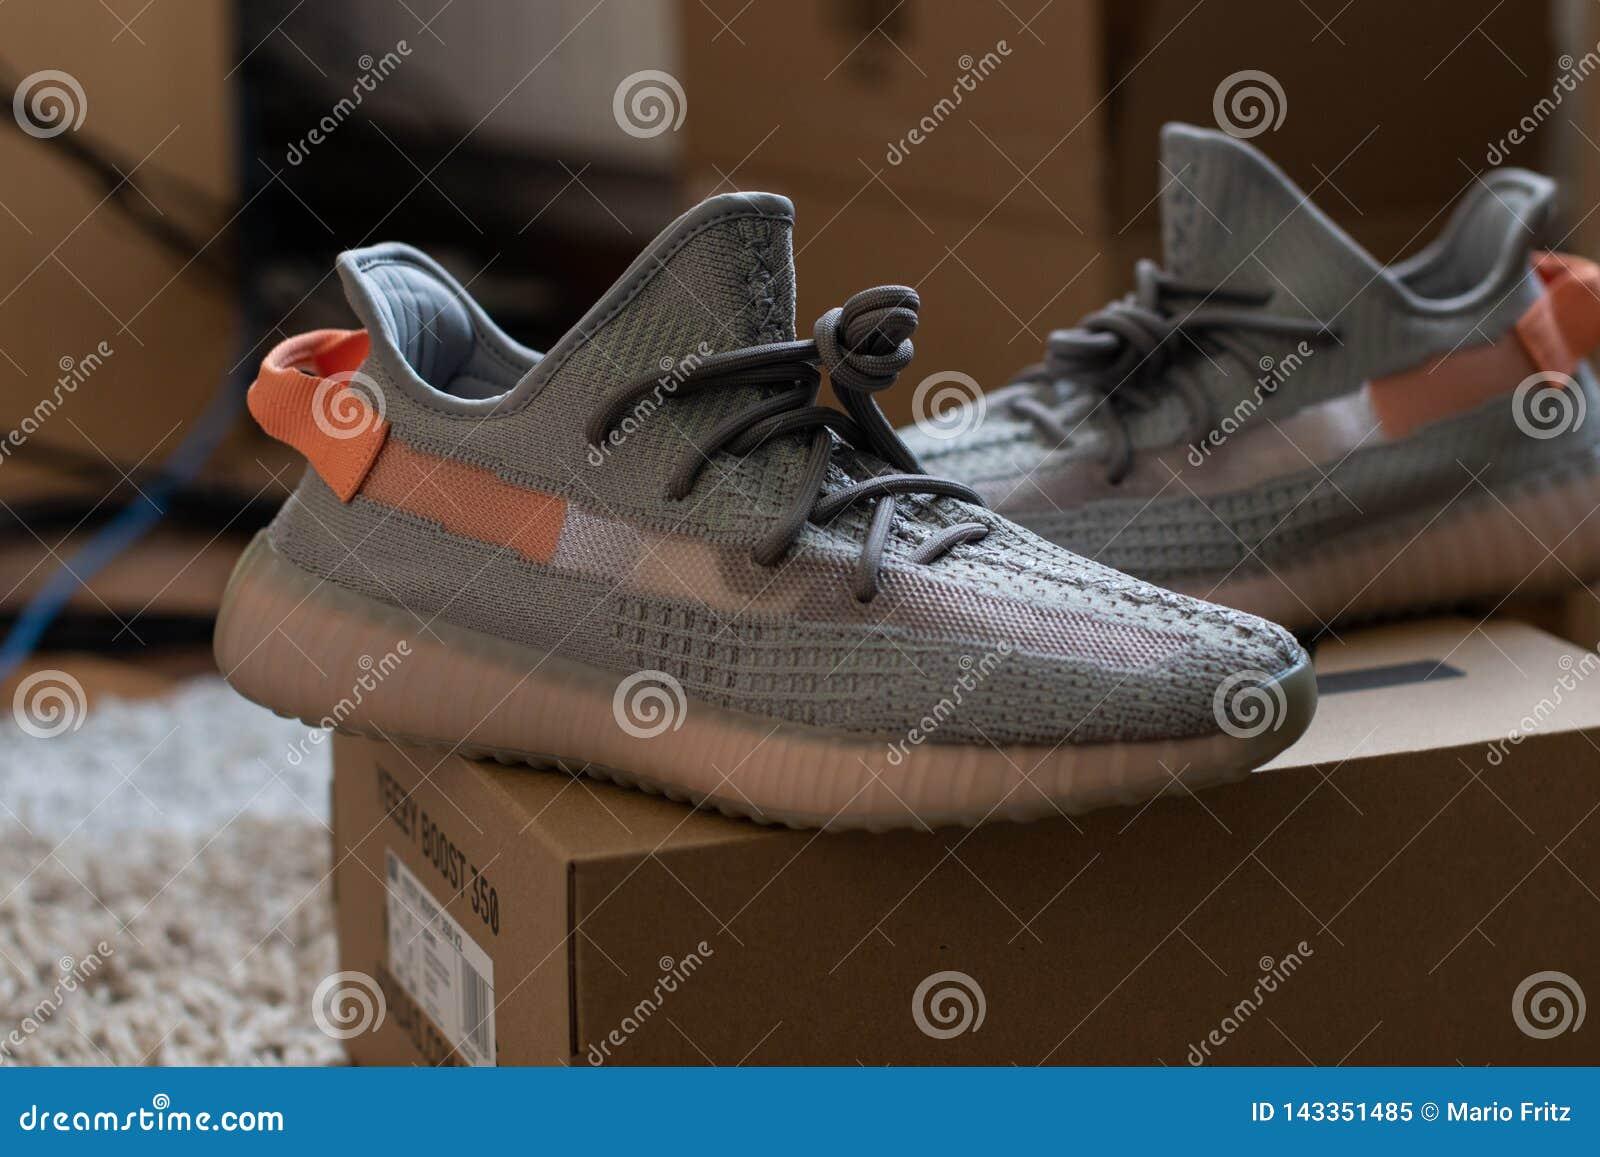 Posição verdadeira do formulário do trfrm V2 do impulso 350 de Adidas Yeezy na caixa 350 Liberado o 16 de março de 2019